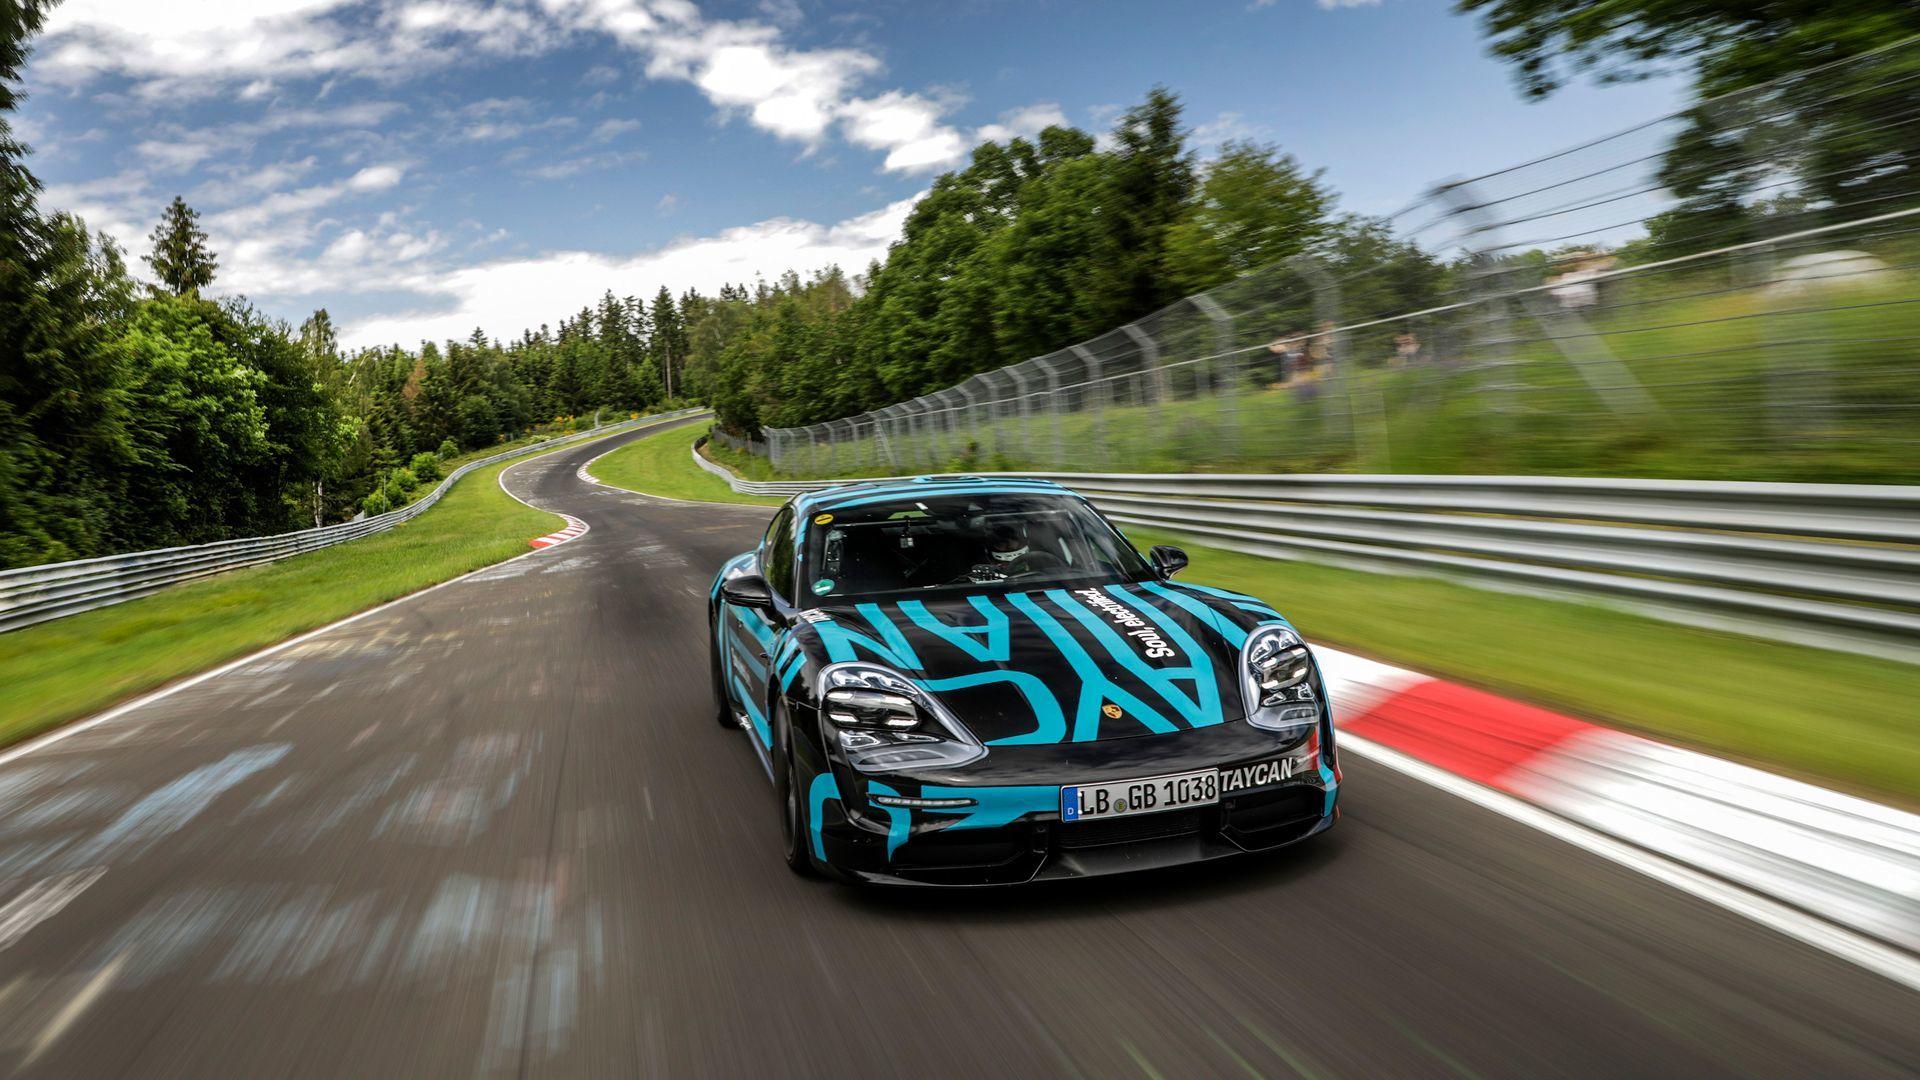 Porsche Taycan Nurburgring 4